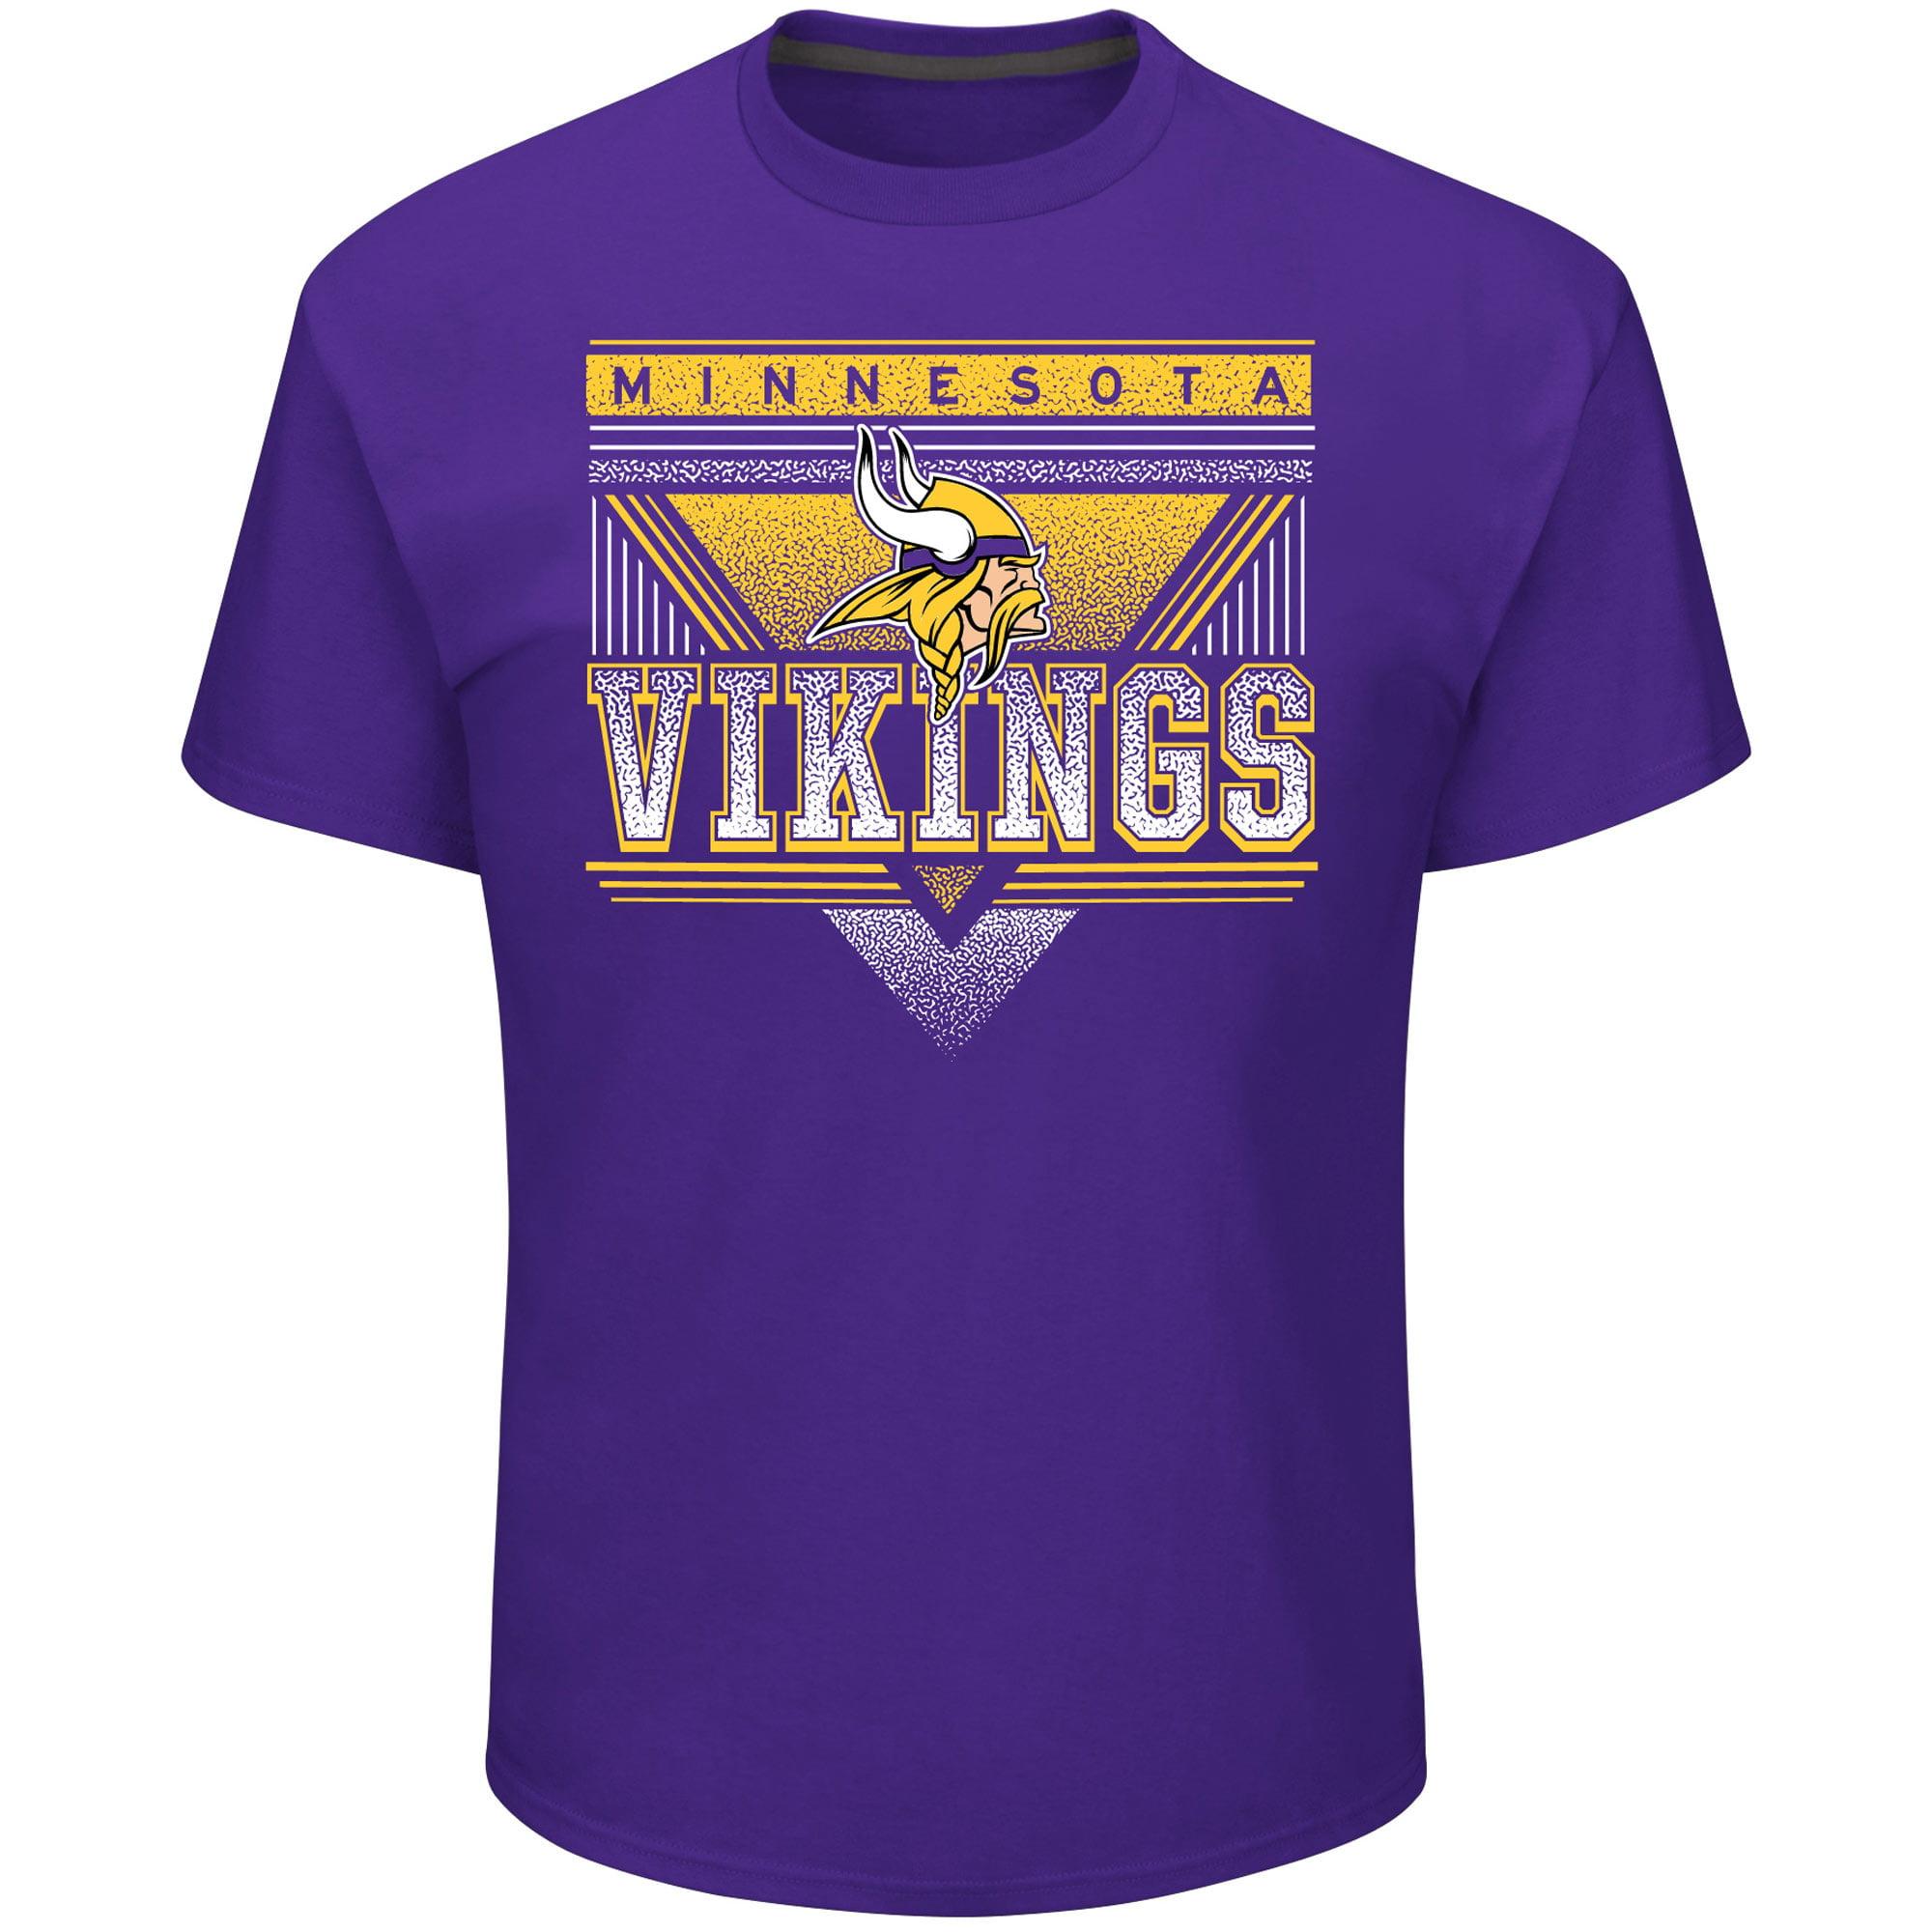 Minnesota Vikings Majestic Keep Score T-Shirt - Purple